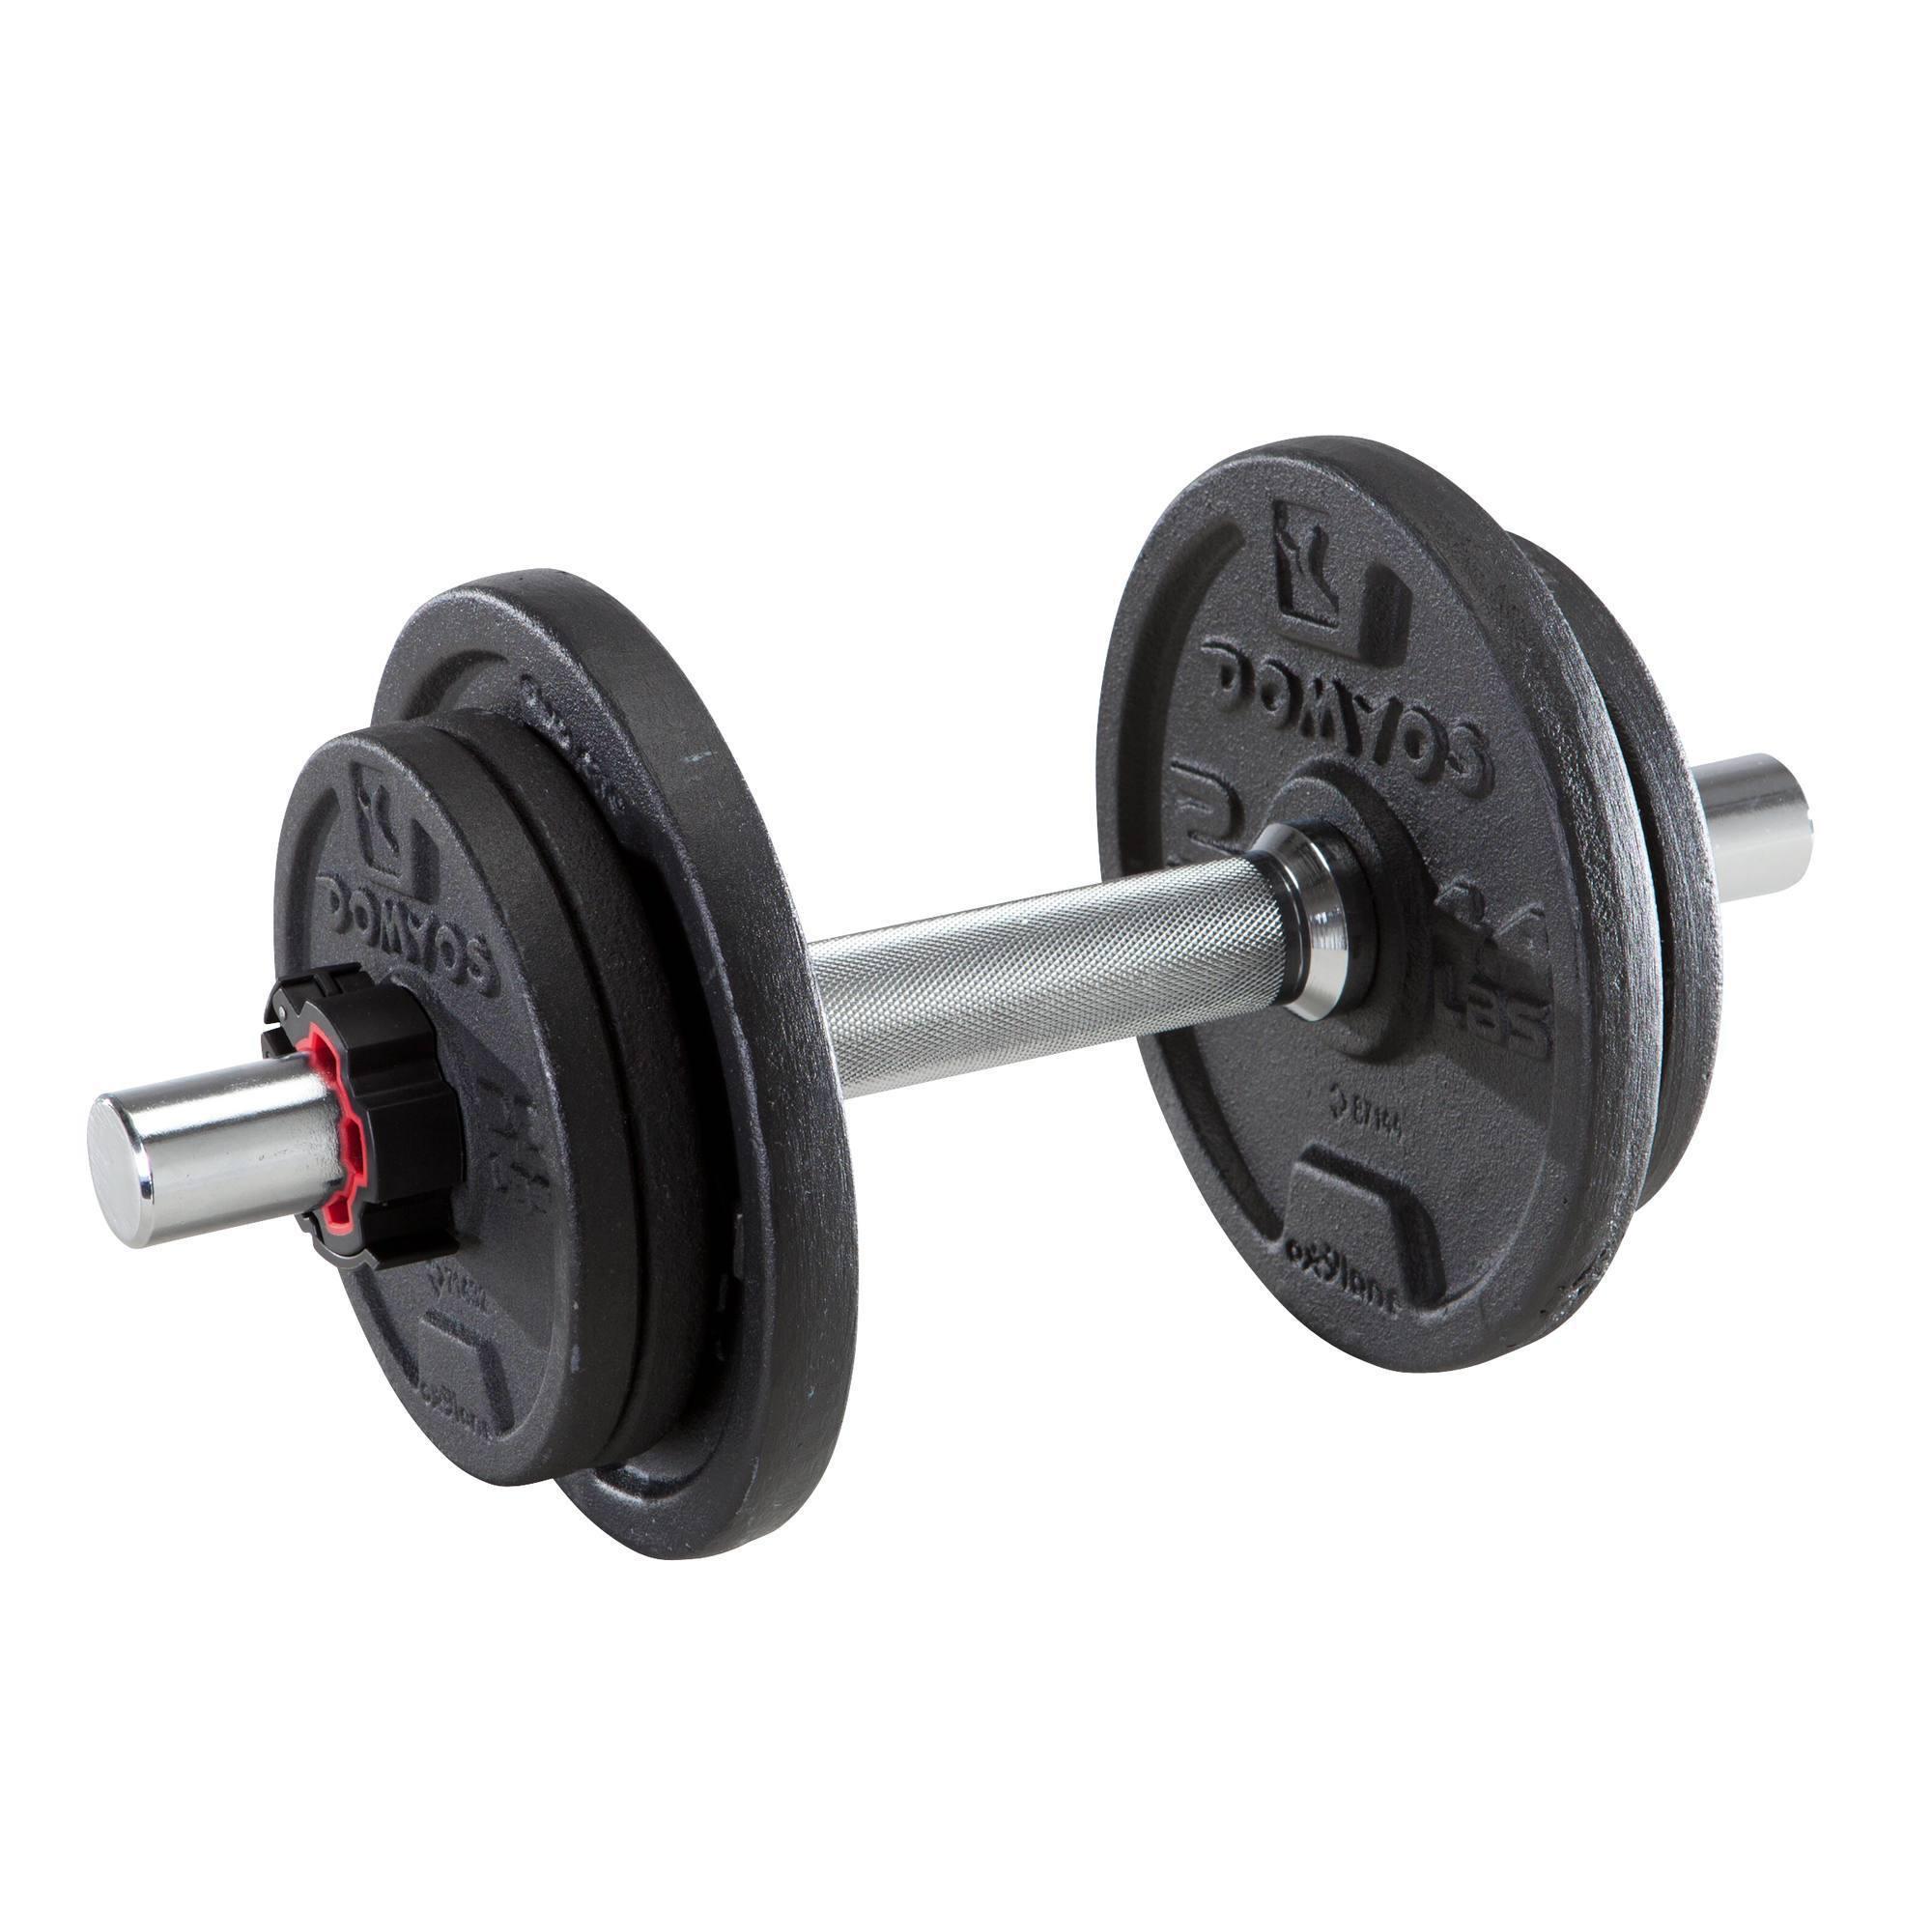 Kit haltères 10 kg musculation